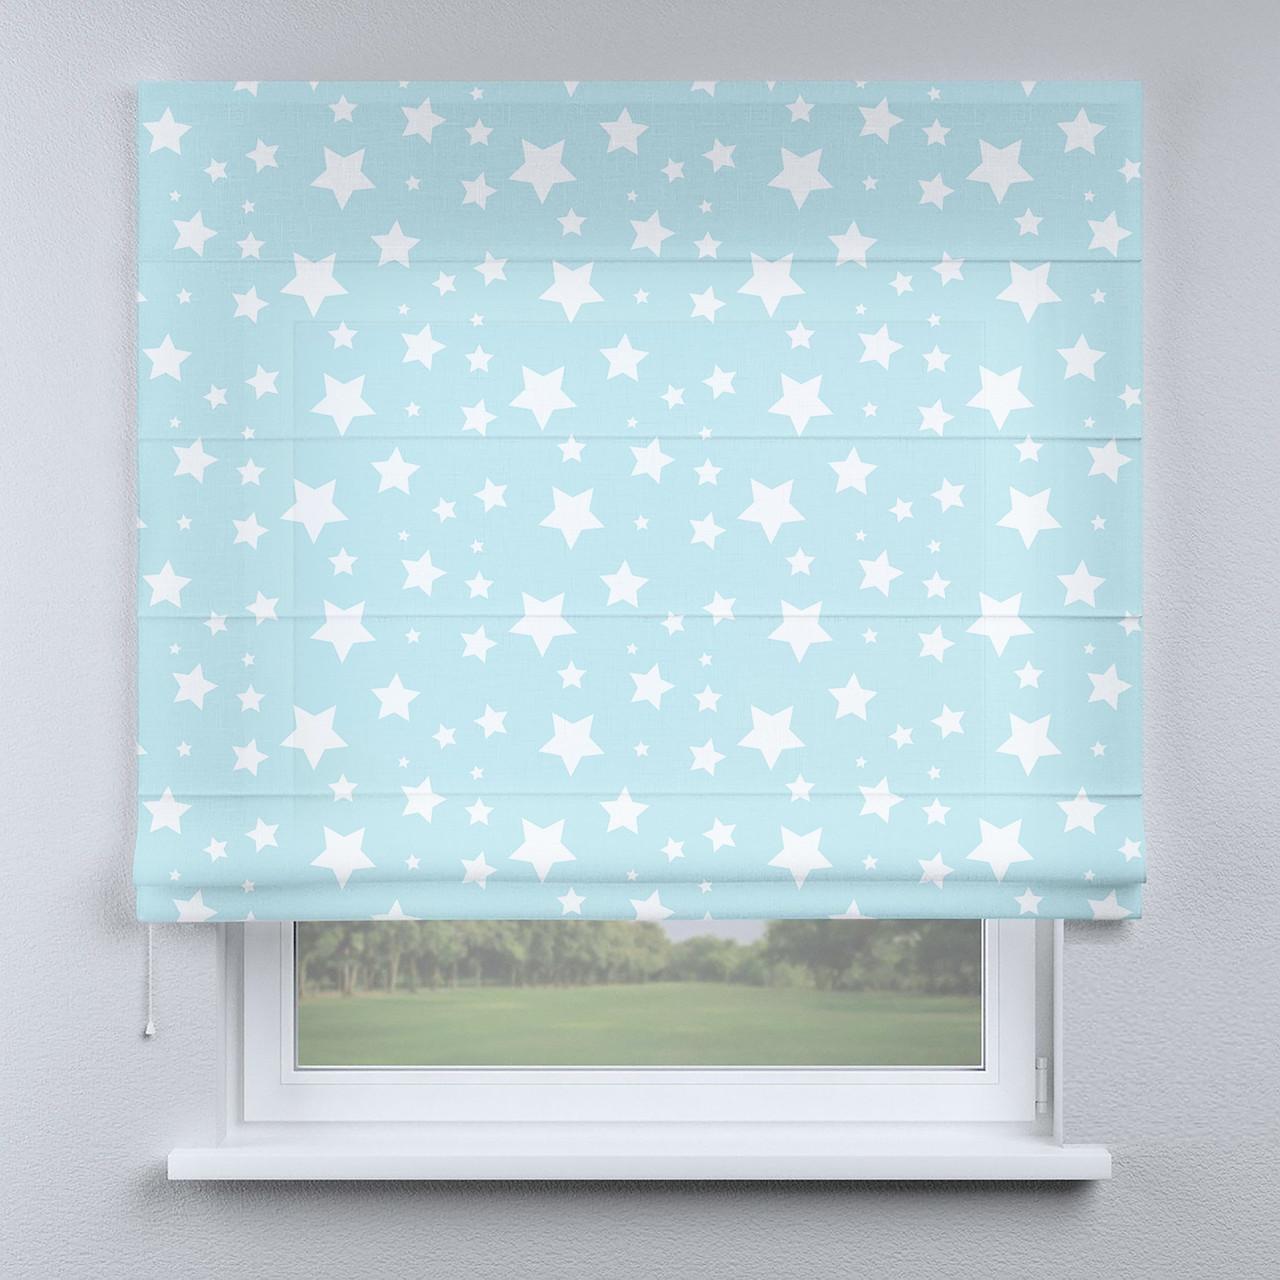 Римская фото штора Звезды. Бесплатная доставка. Любой размер до 3,5х3,5м. Гарантия. Арт. 15-04-15